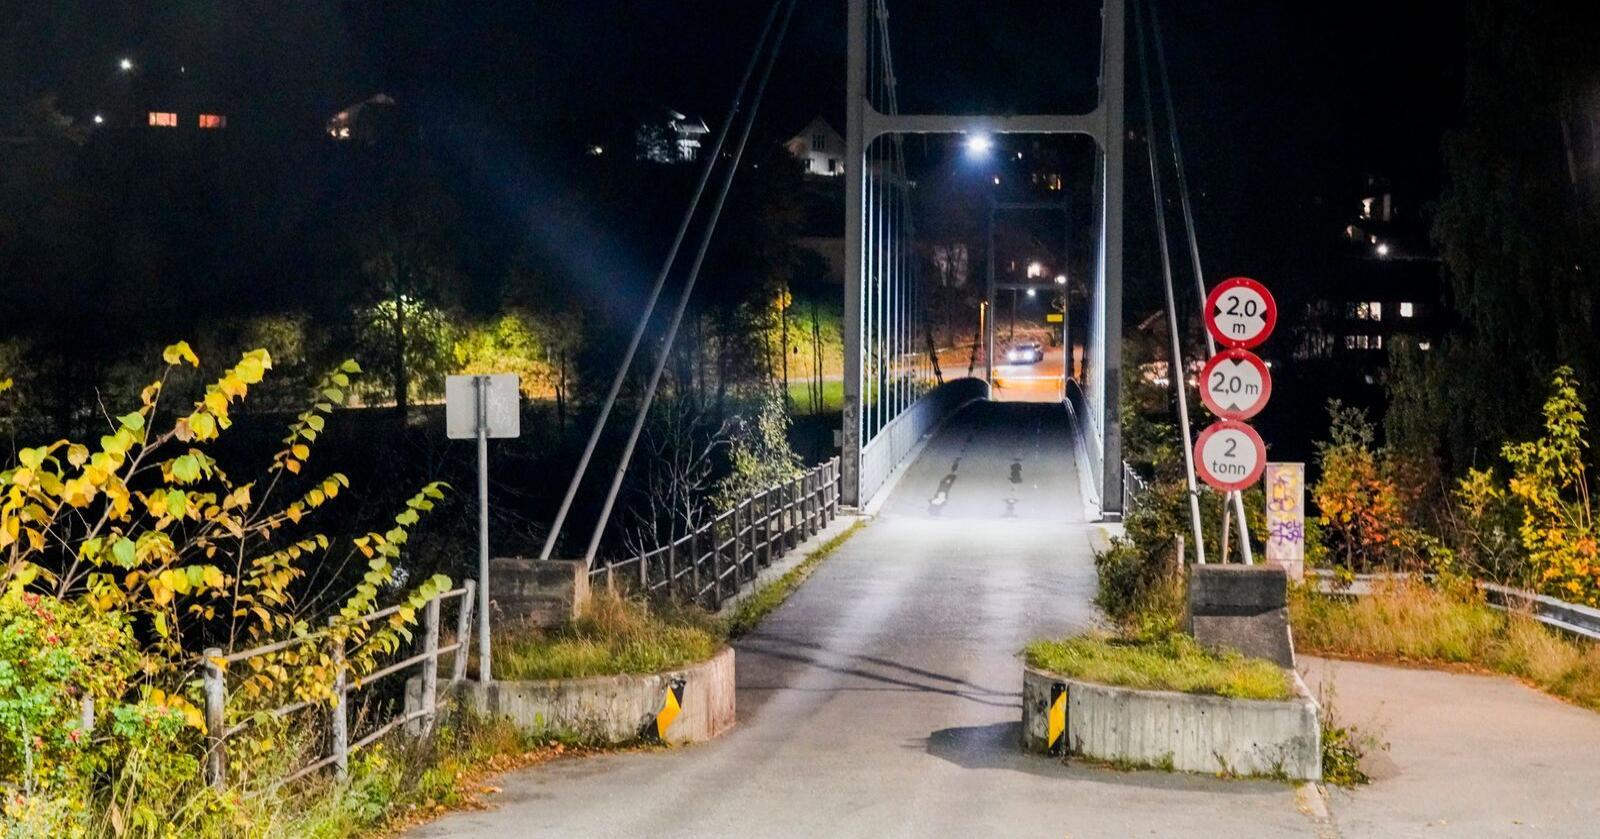 Politiet holder pressekonferanse torsdag formiddag etter at fem personer ble drept i Kongsberg onsdag. Foto: Terje Bendiksby / NTB